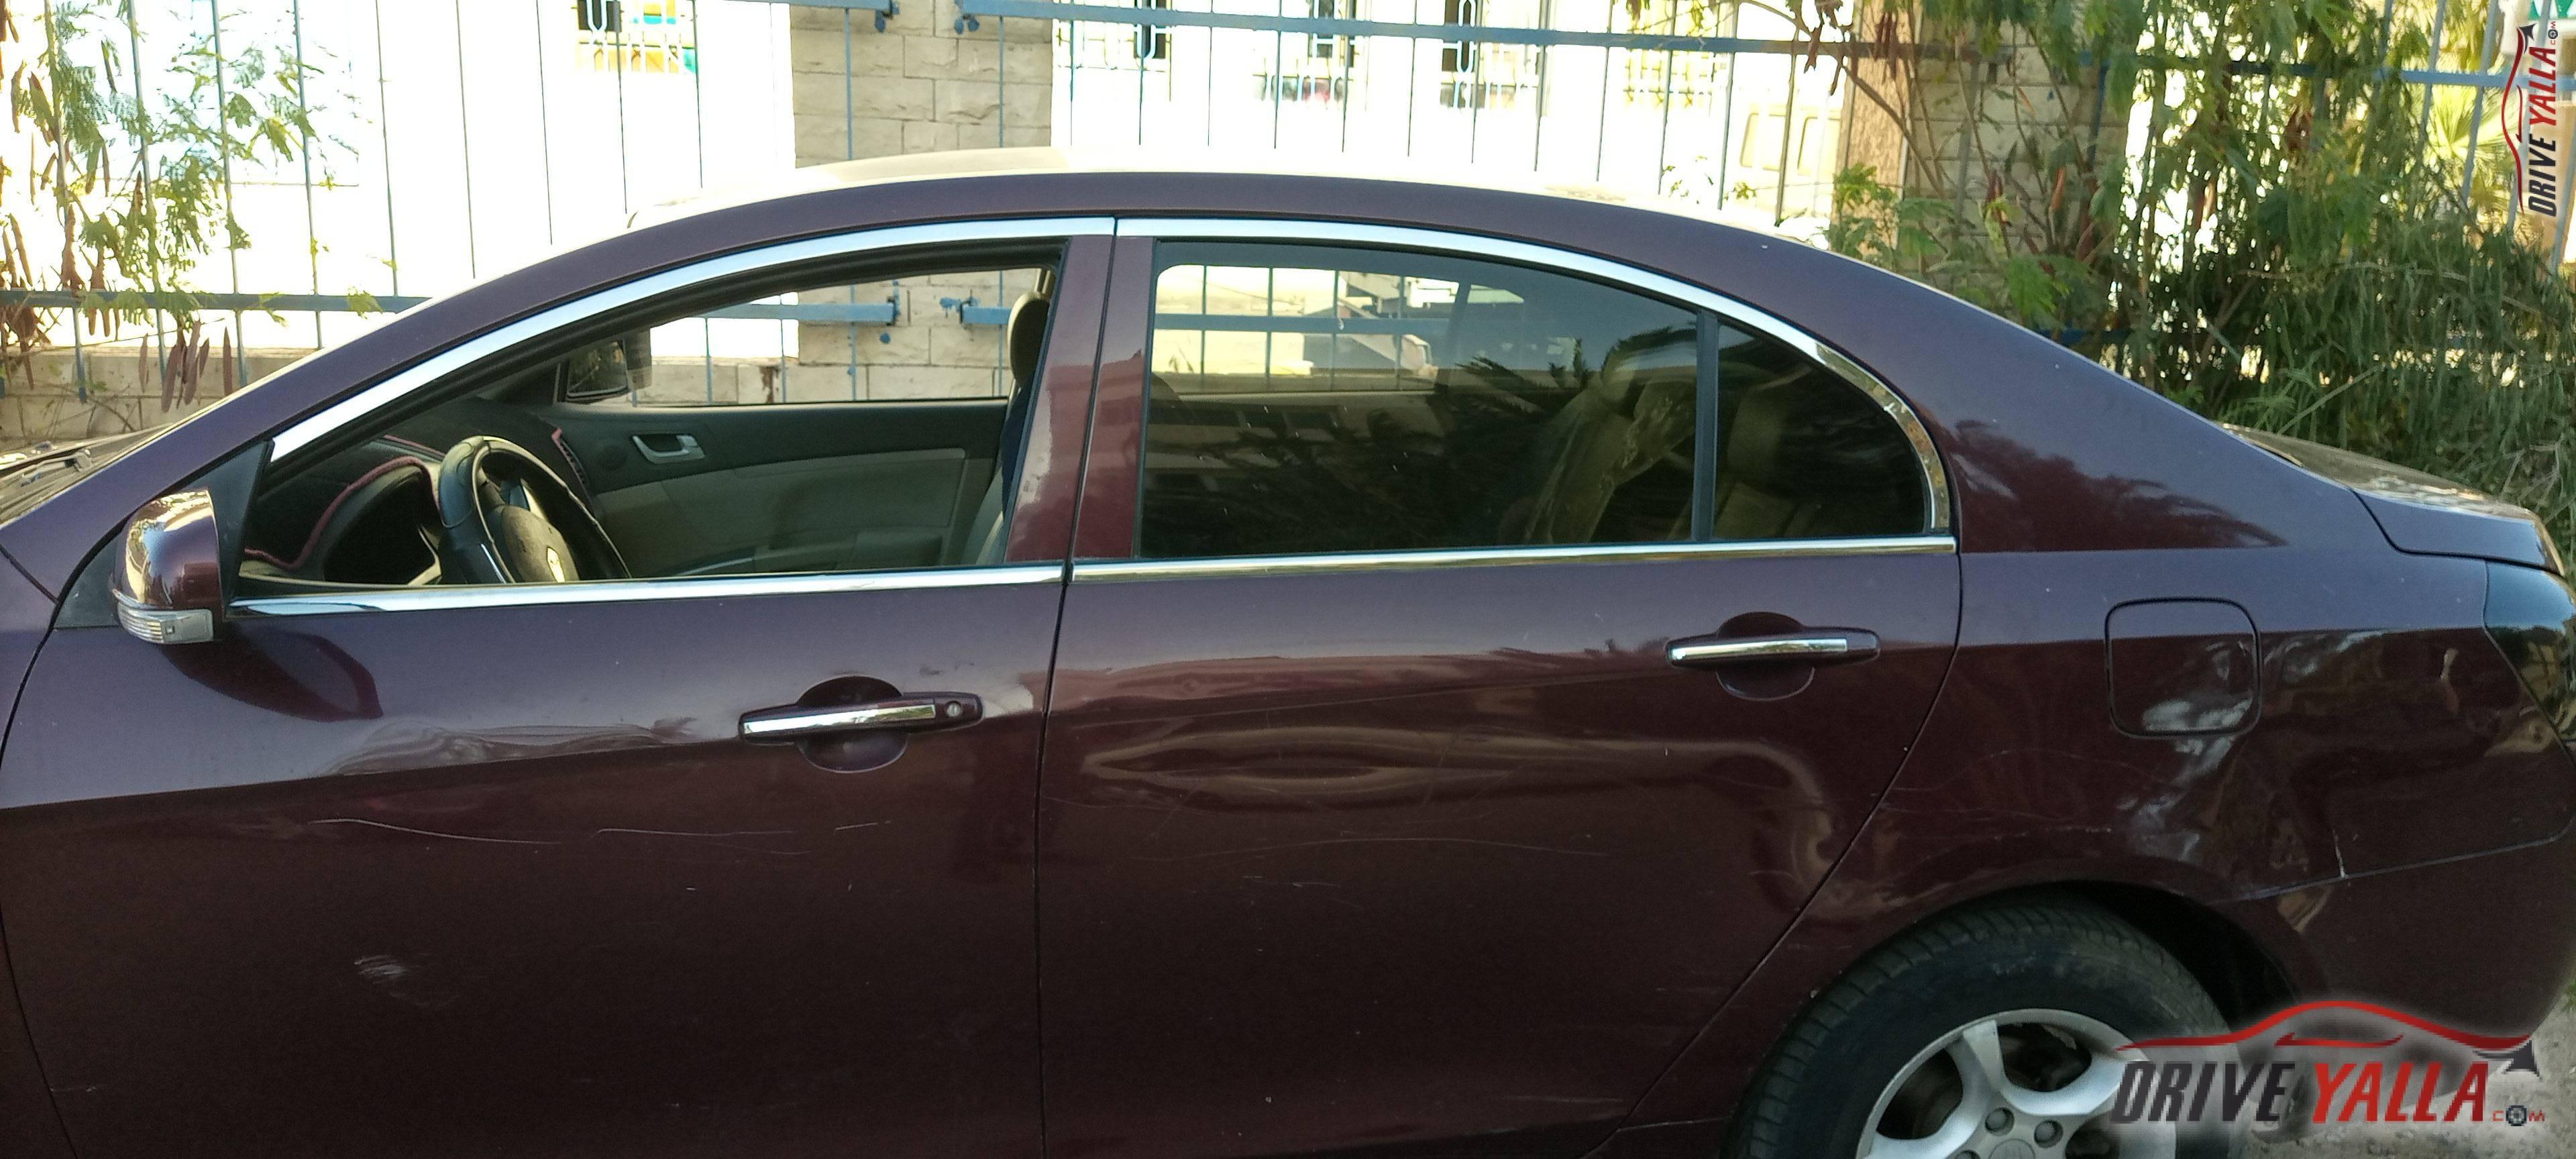 سياره جيلي ام جراند 7 مستعملة للبيع فى مصر 2014